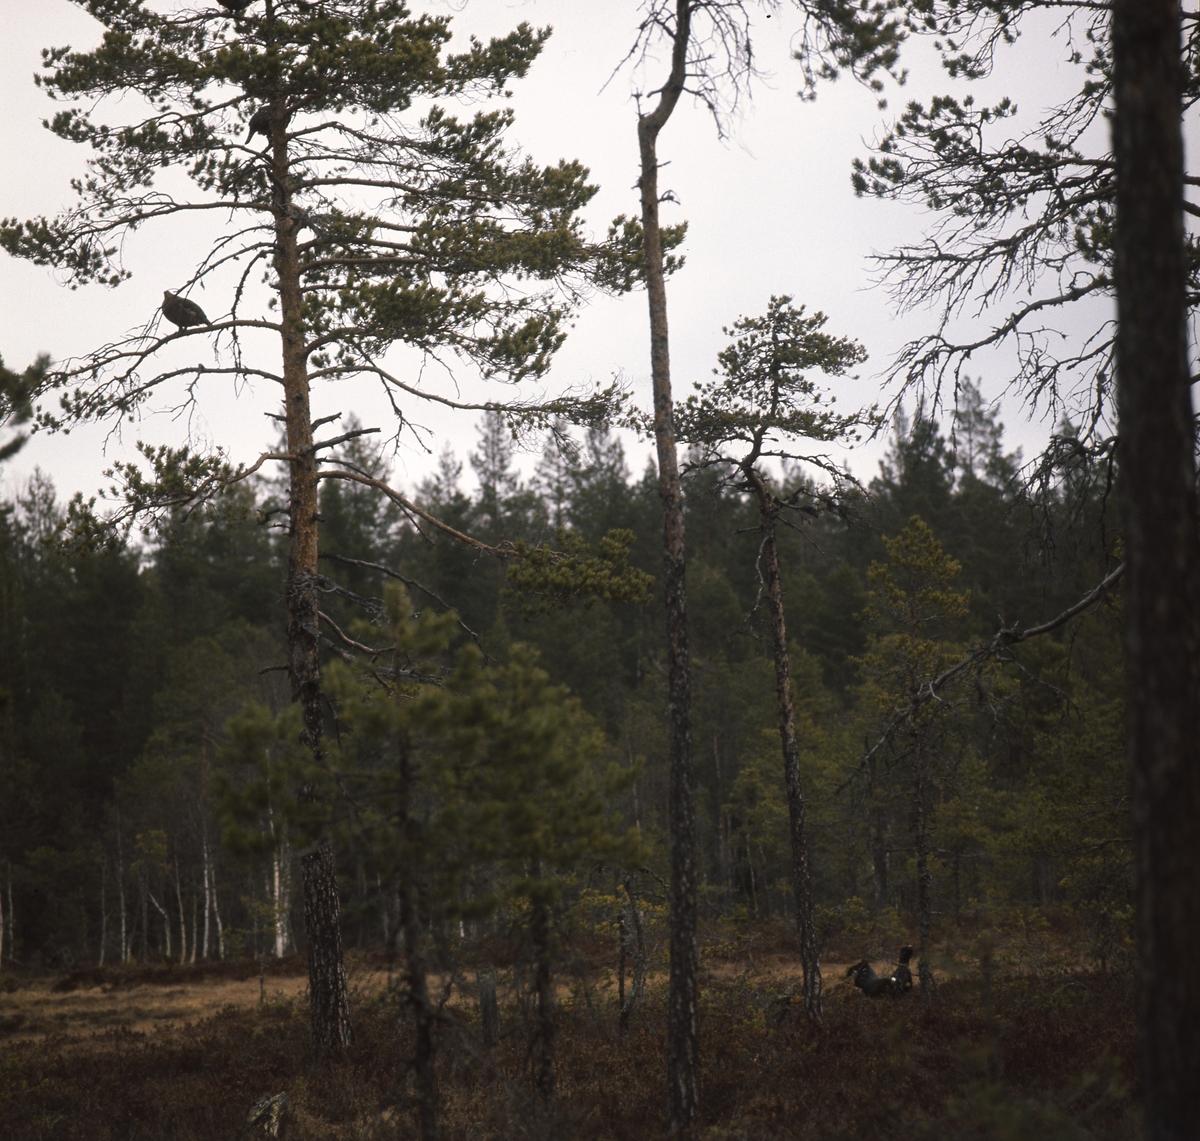 En tjädertupp i skogskanten vid en myr.